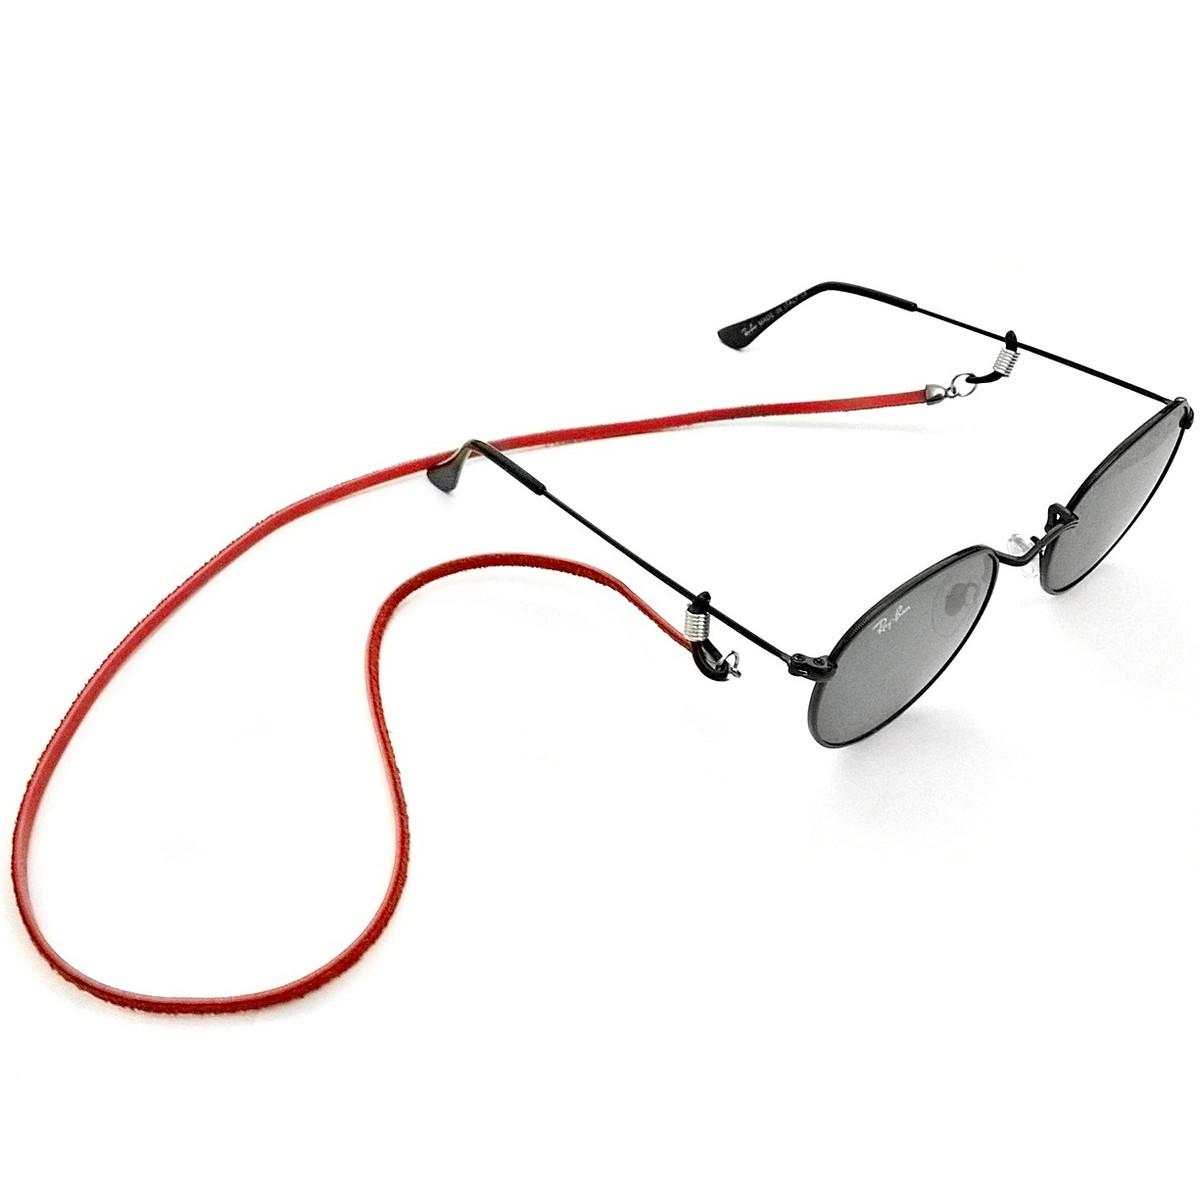 Cordinha Para Oculos Vermelha Cordão Salva Óculos Leitura no Elo7 ... db33f14745